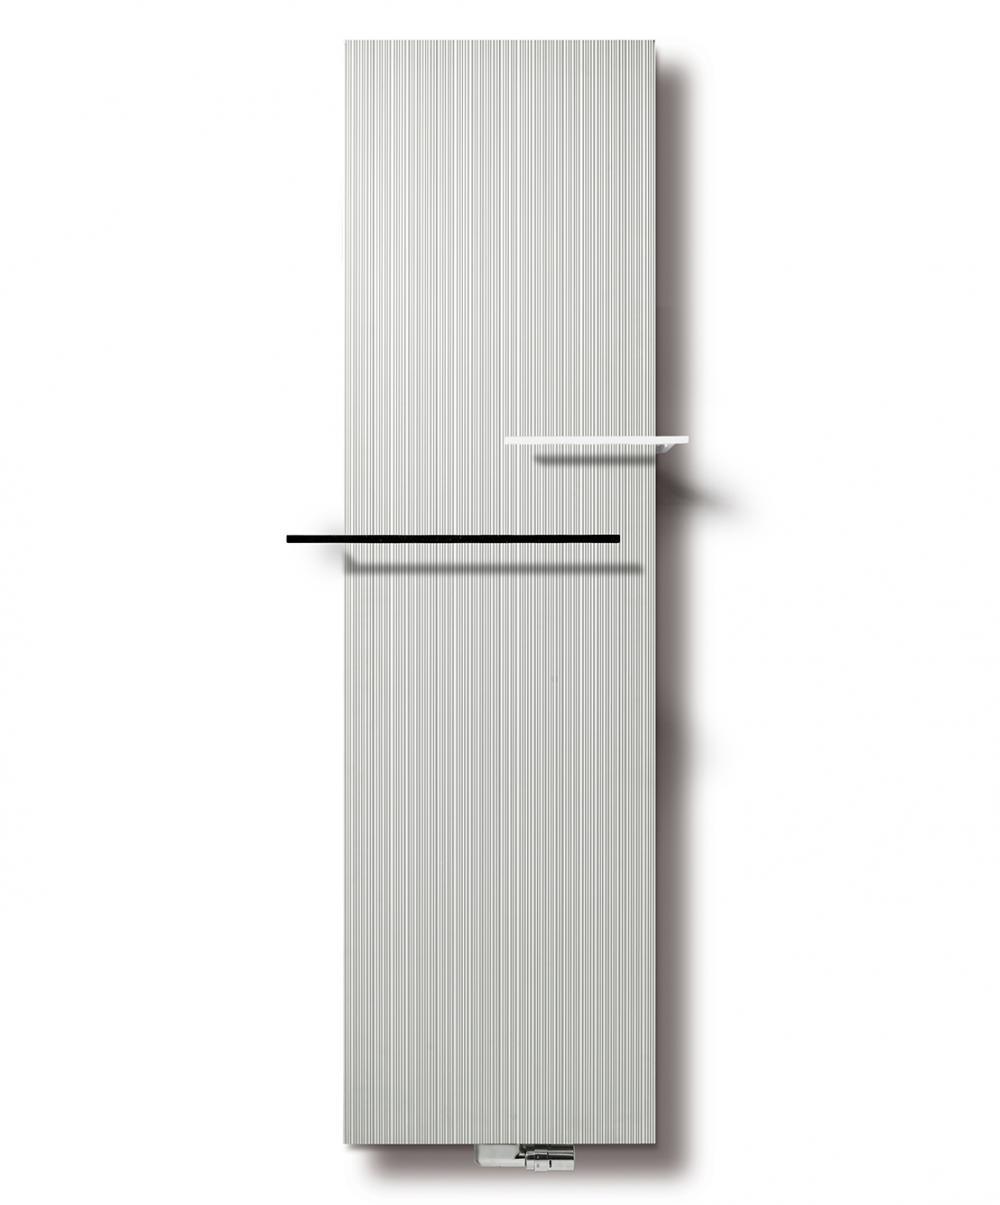 Calorifere decorative aluminiu Vasco Bryce 1600x600 mm, 1969 W